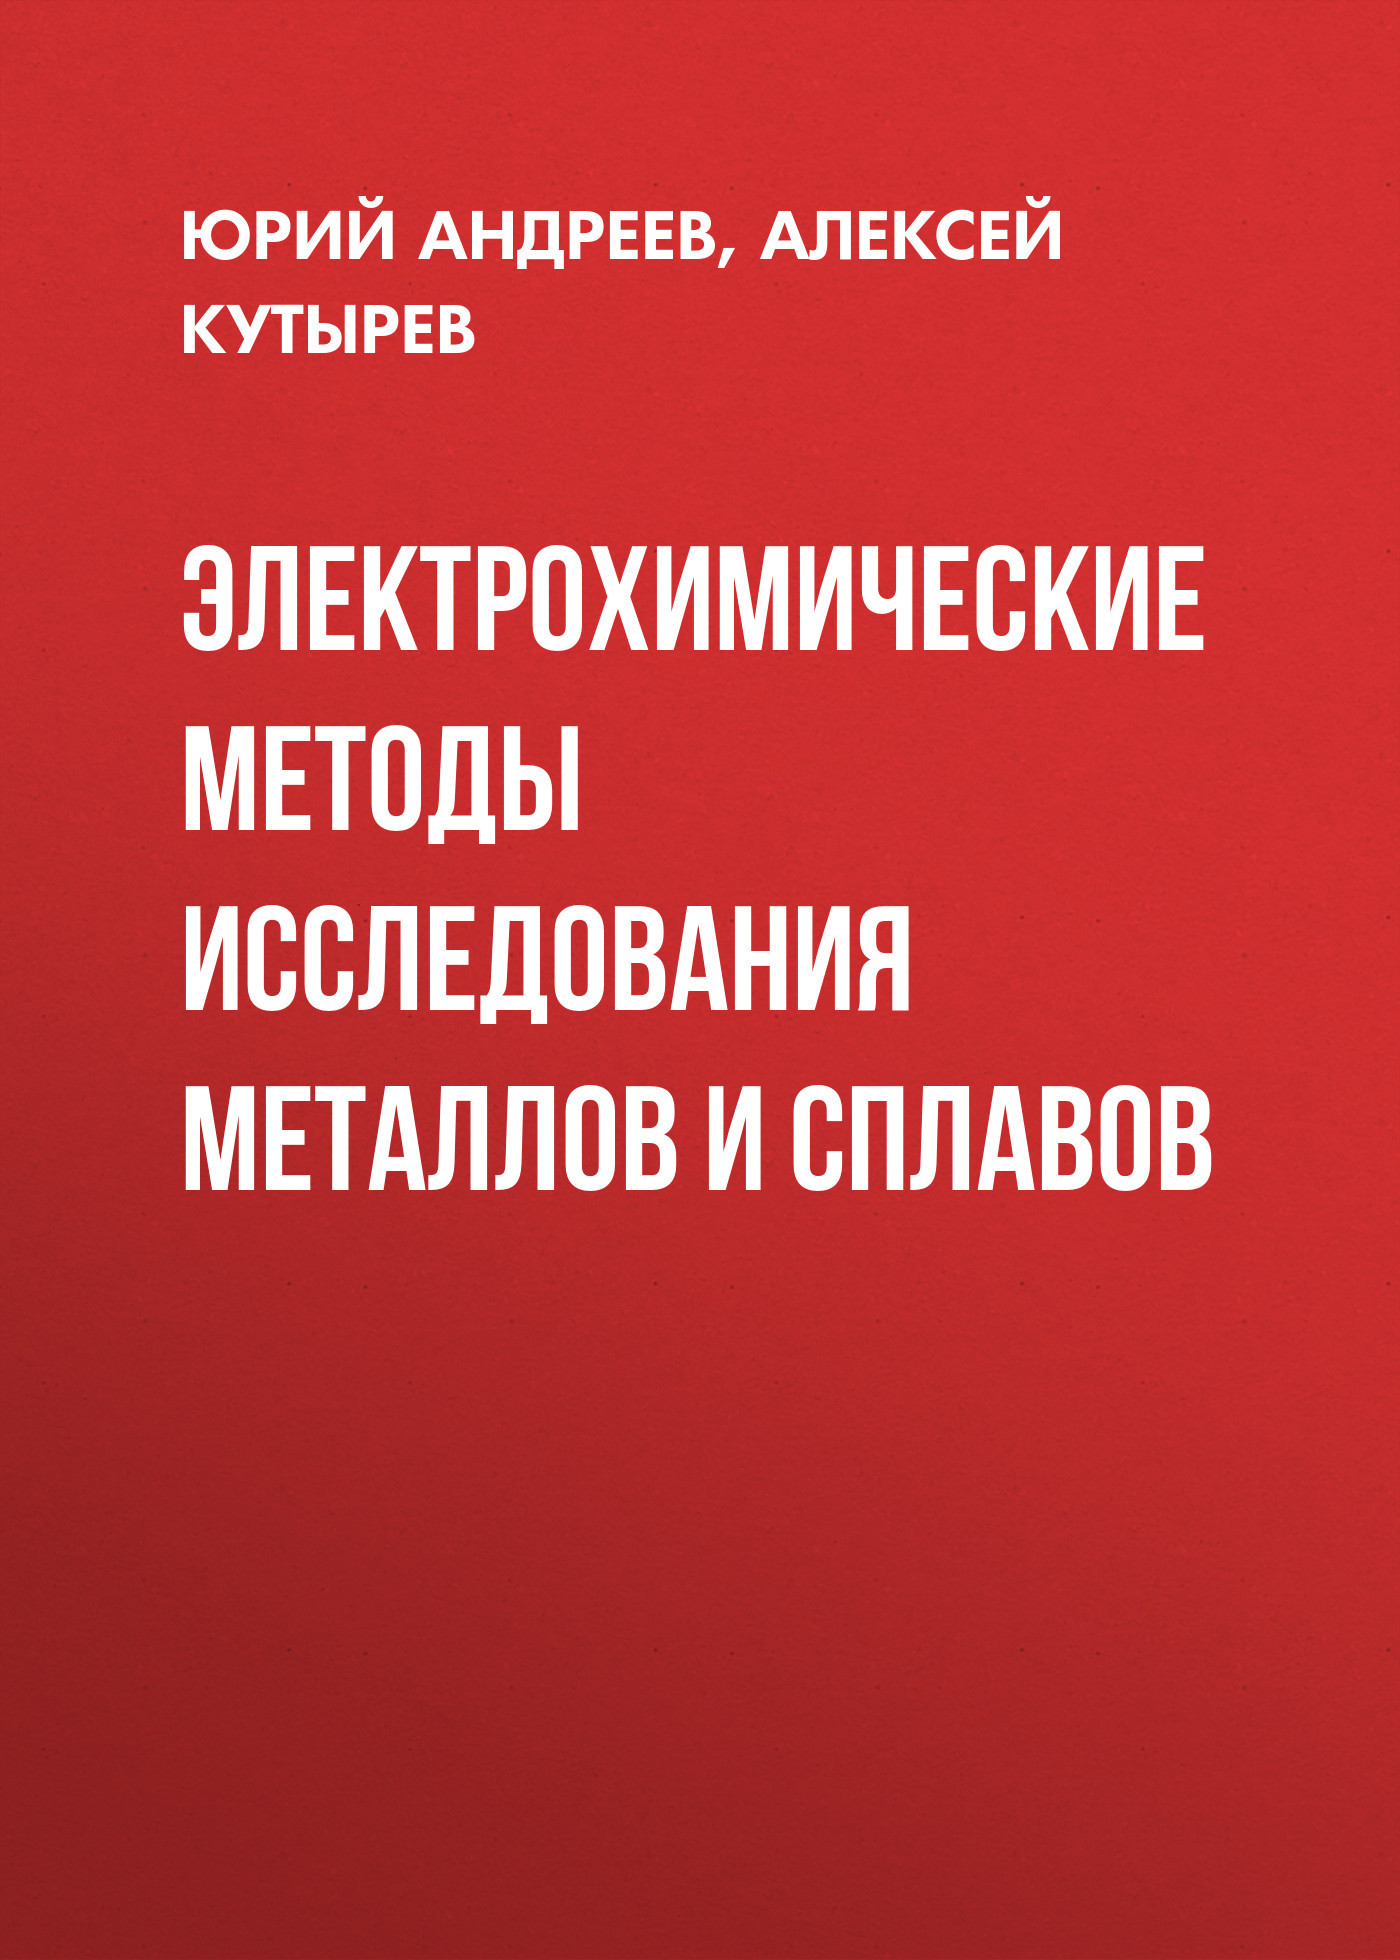 Юрий Андреев Электрохимические методы исследования металлов и сплавов